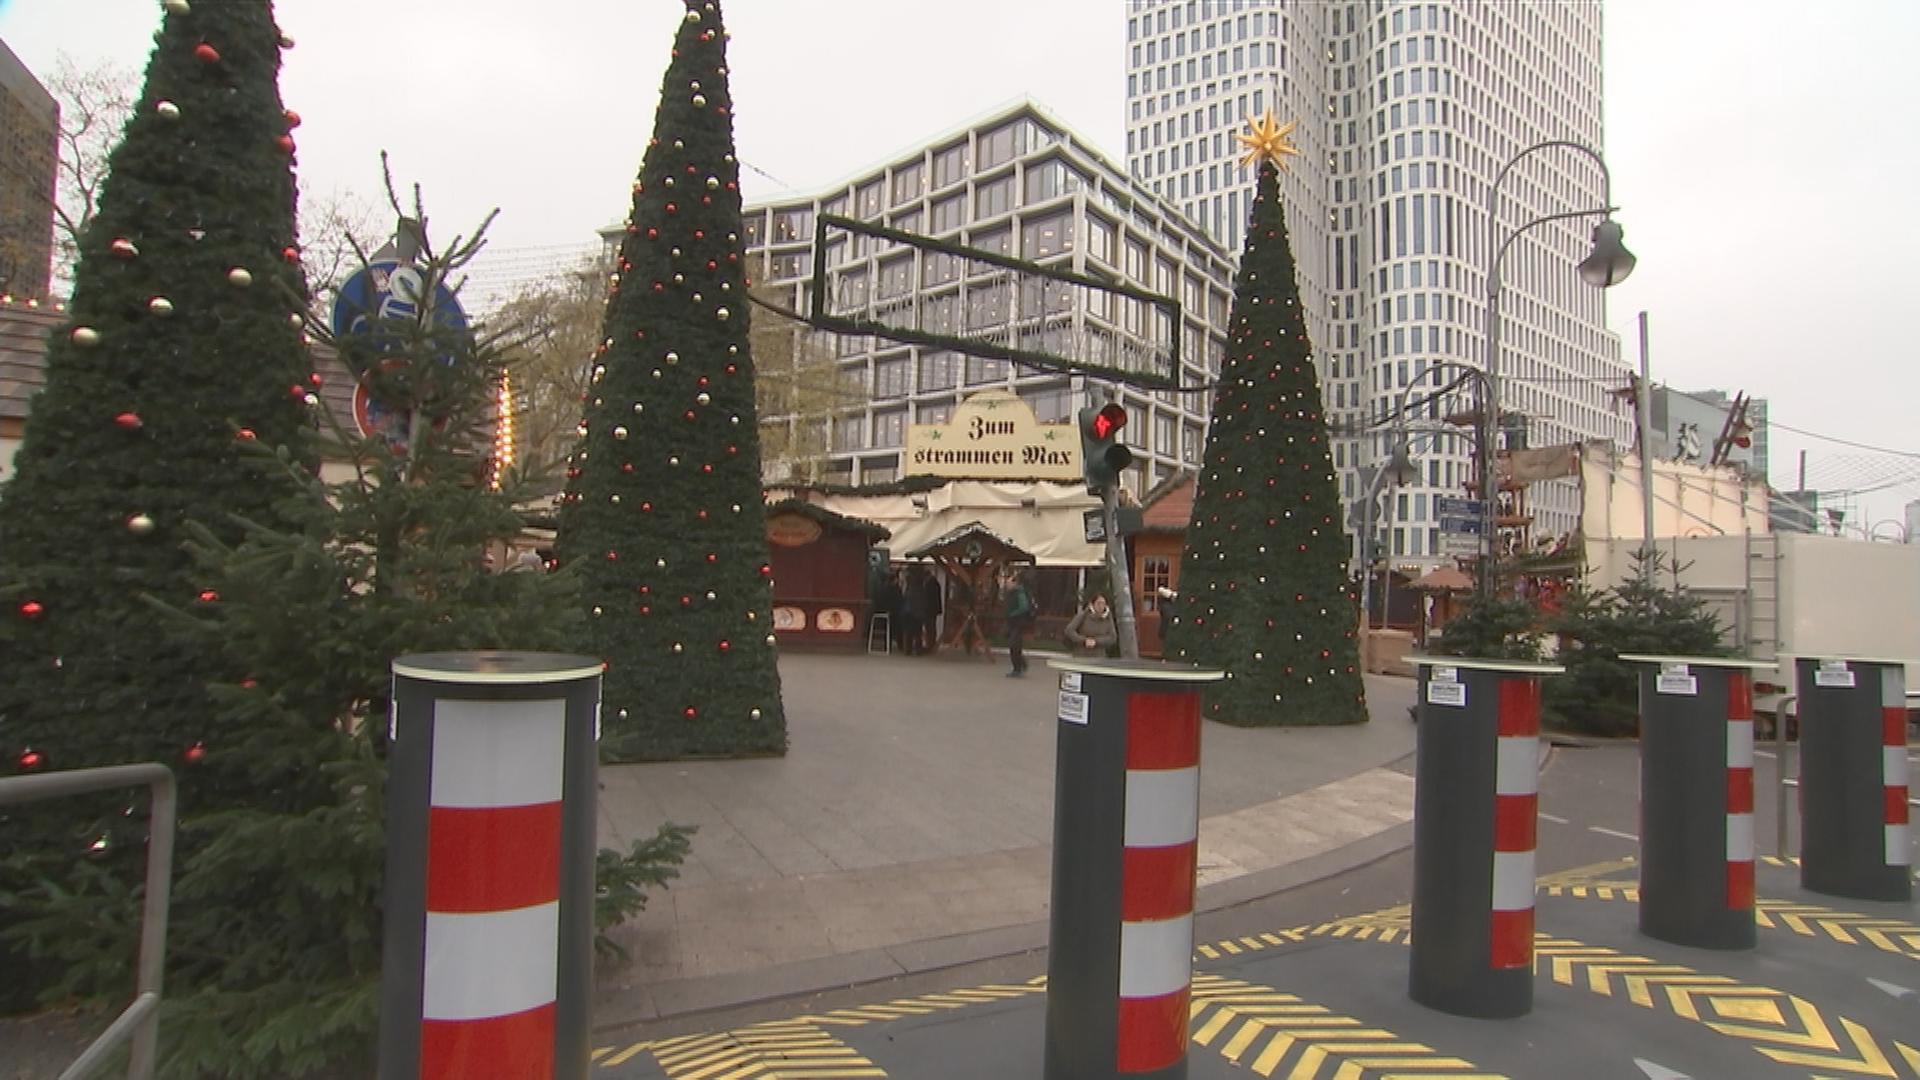 Wo Ist Weihnachtsmarkt Heute.Nach Anschlag In Straßburg Weihnachtsmarkt Bleibt Geschlossen